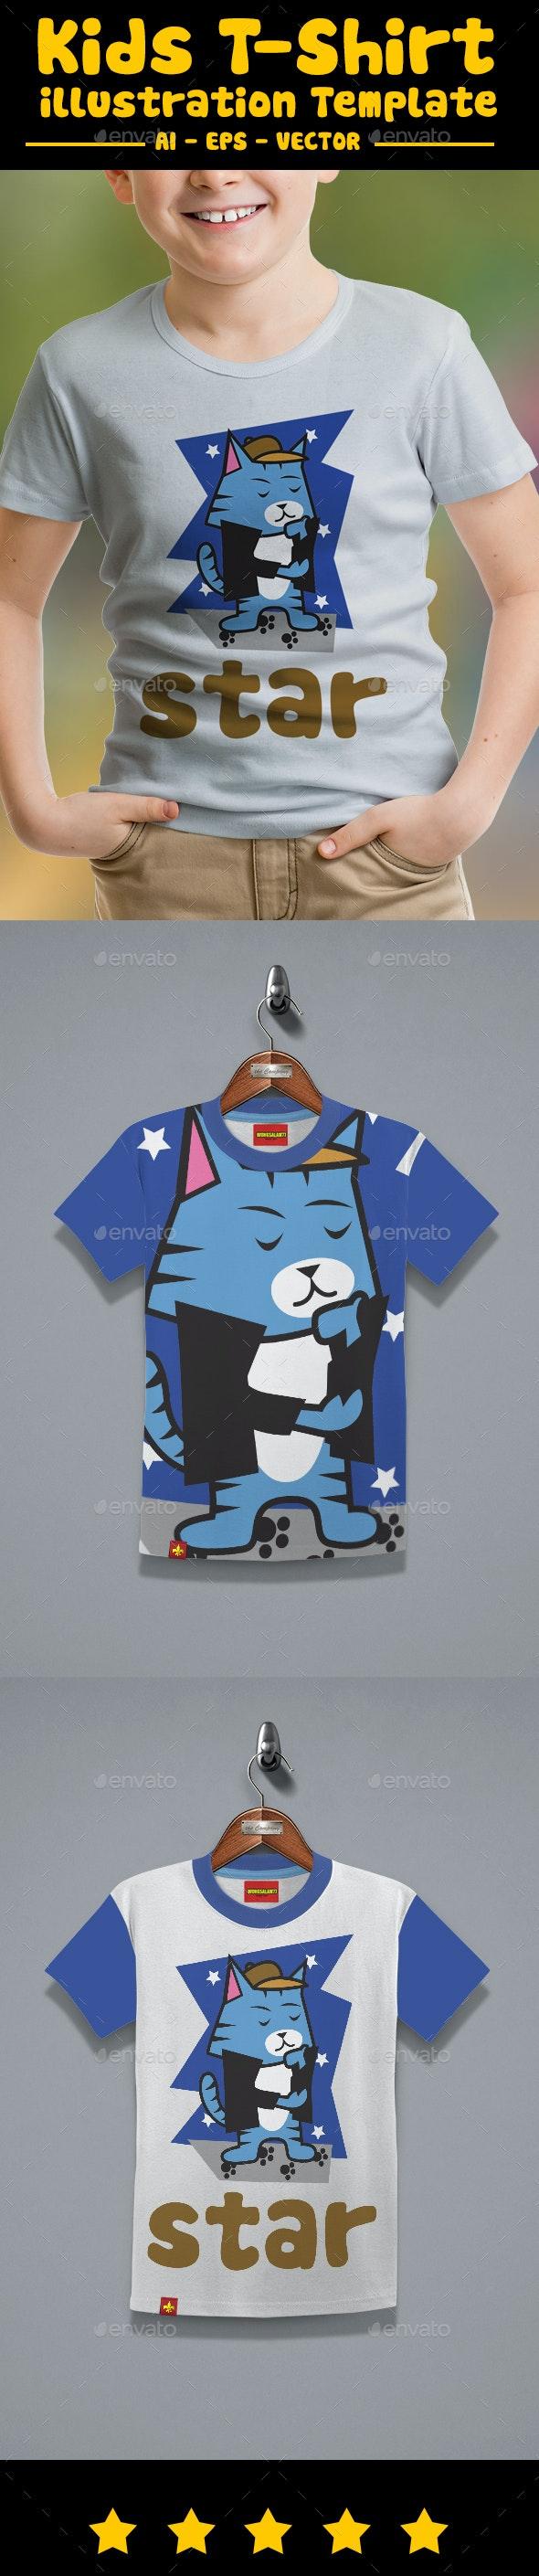 Boy Kids T-Shirt Design - T-Shirts